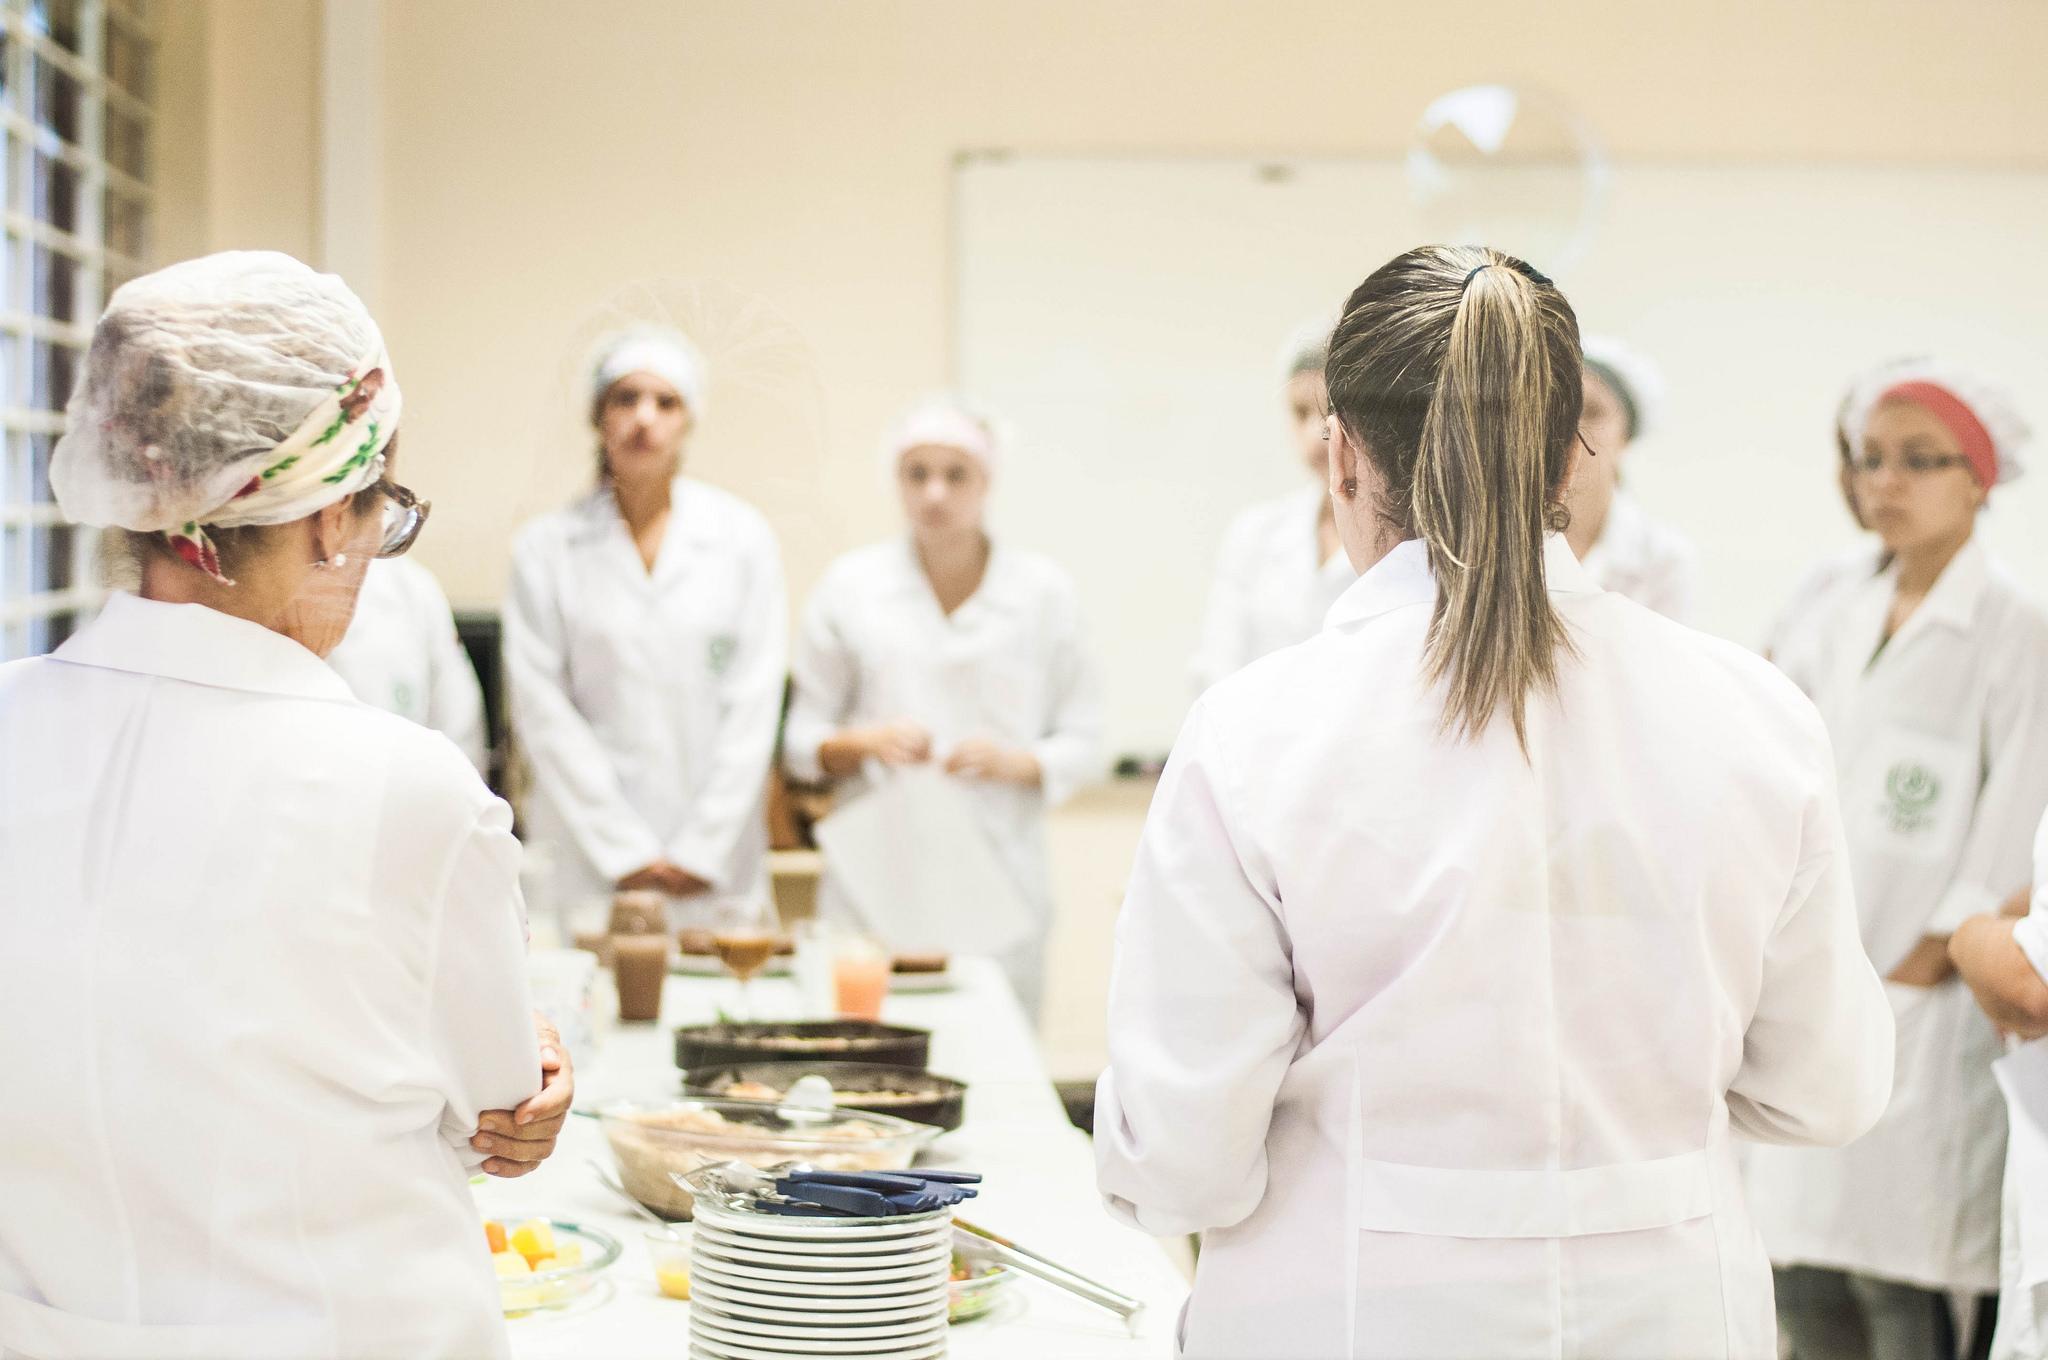 o curso de Farmácia, busca atender as áreas de farmácias, análises clínicas, alimentos e medicamentos (Foto: Caique Cahon)